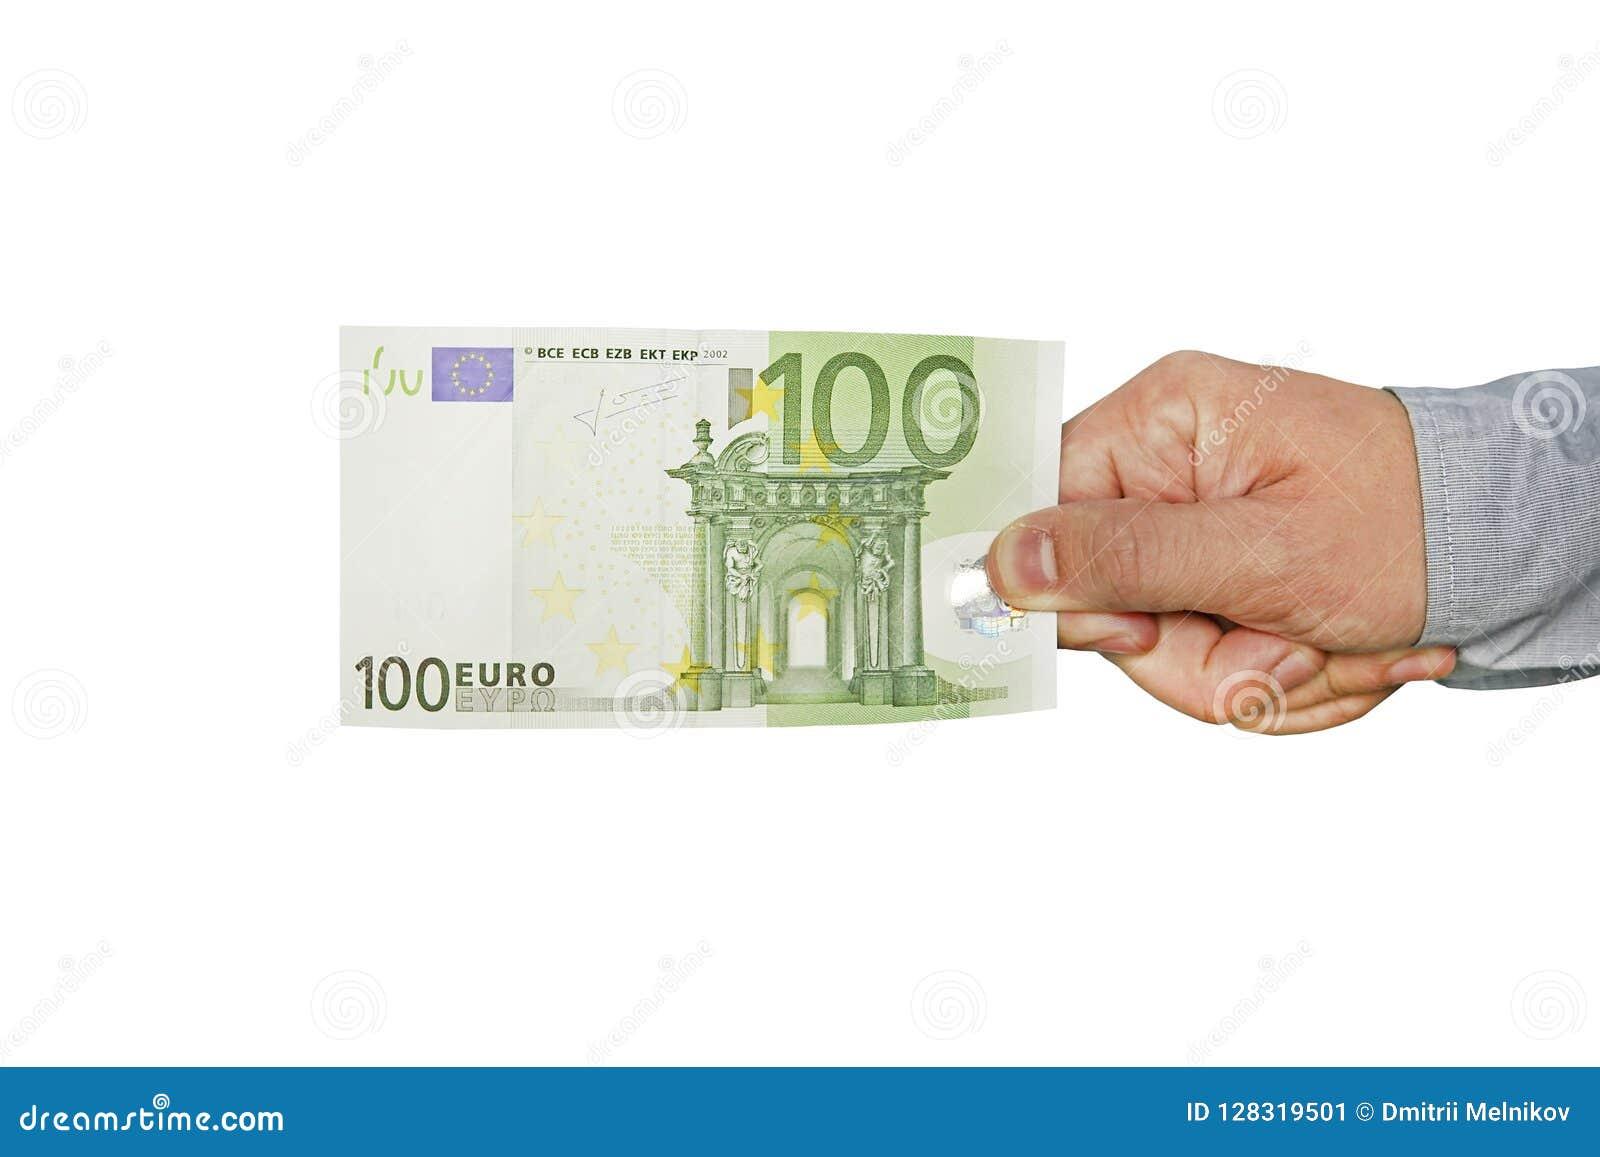 Рука человека держит 100 банкнот евро 100 евро